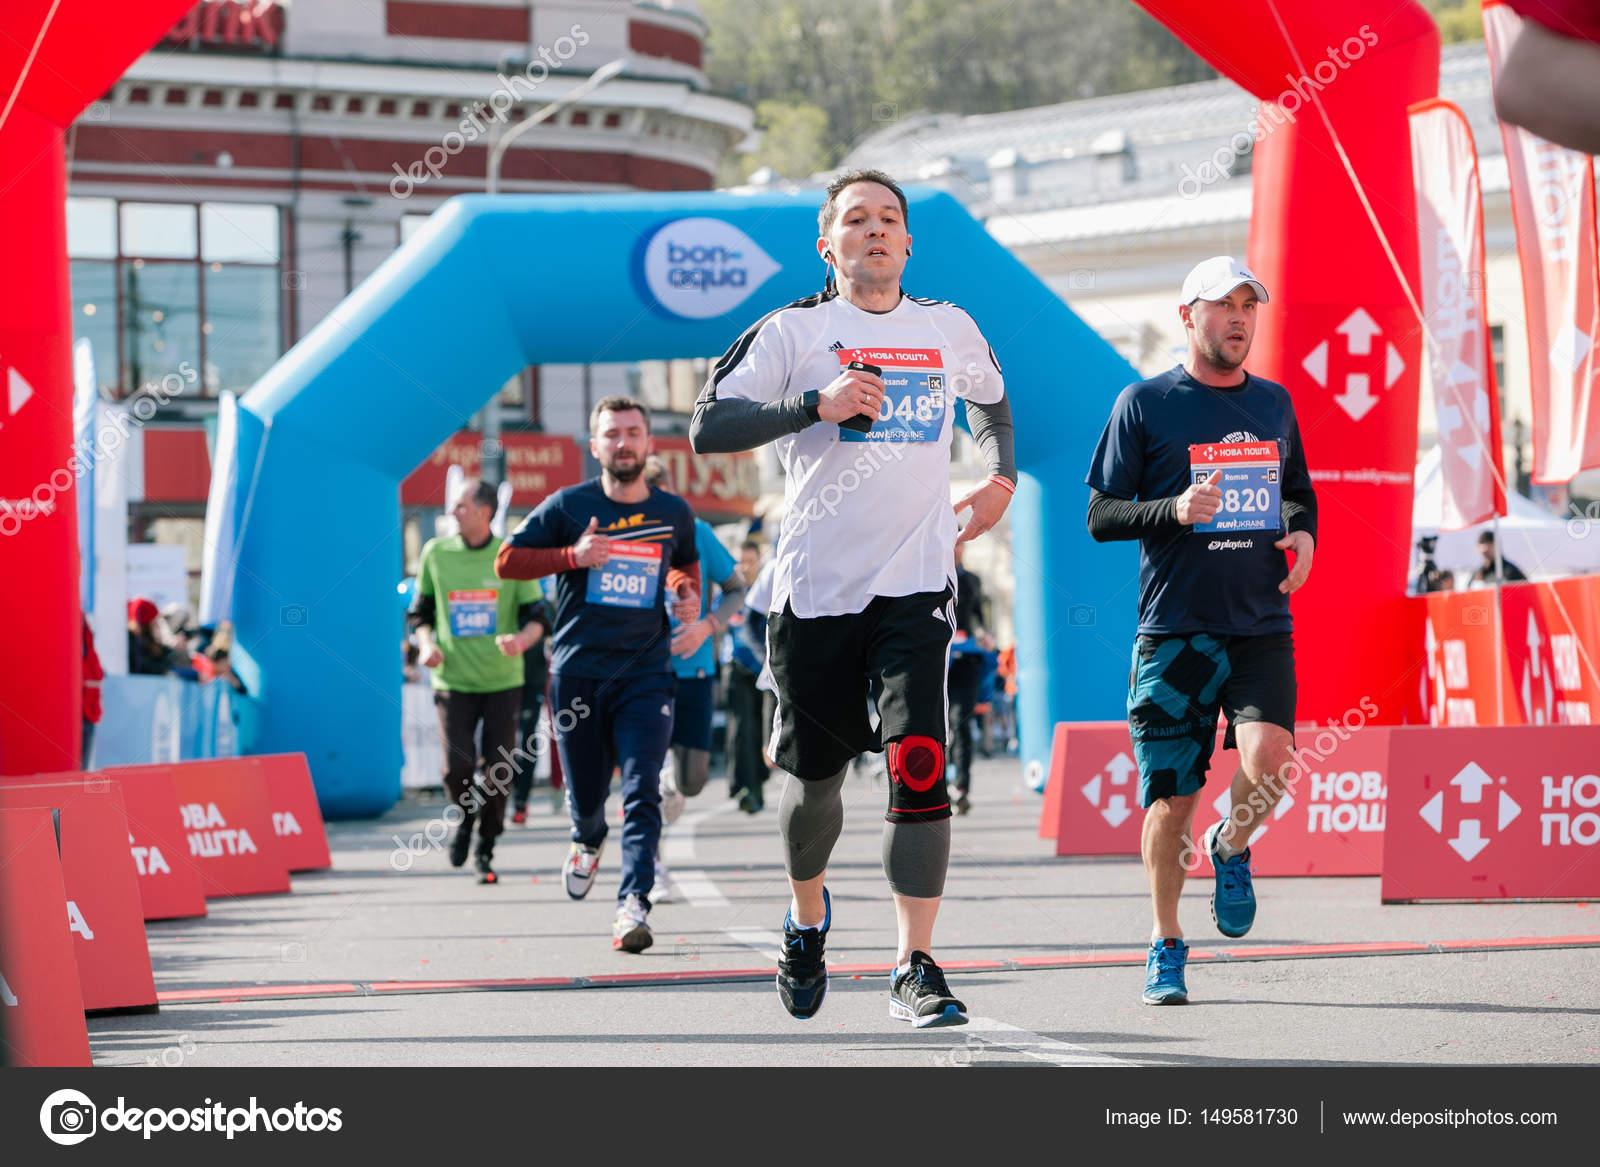 finishers of 5 km distance at the nova poshta kyiv half marathon. 09